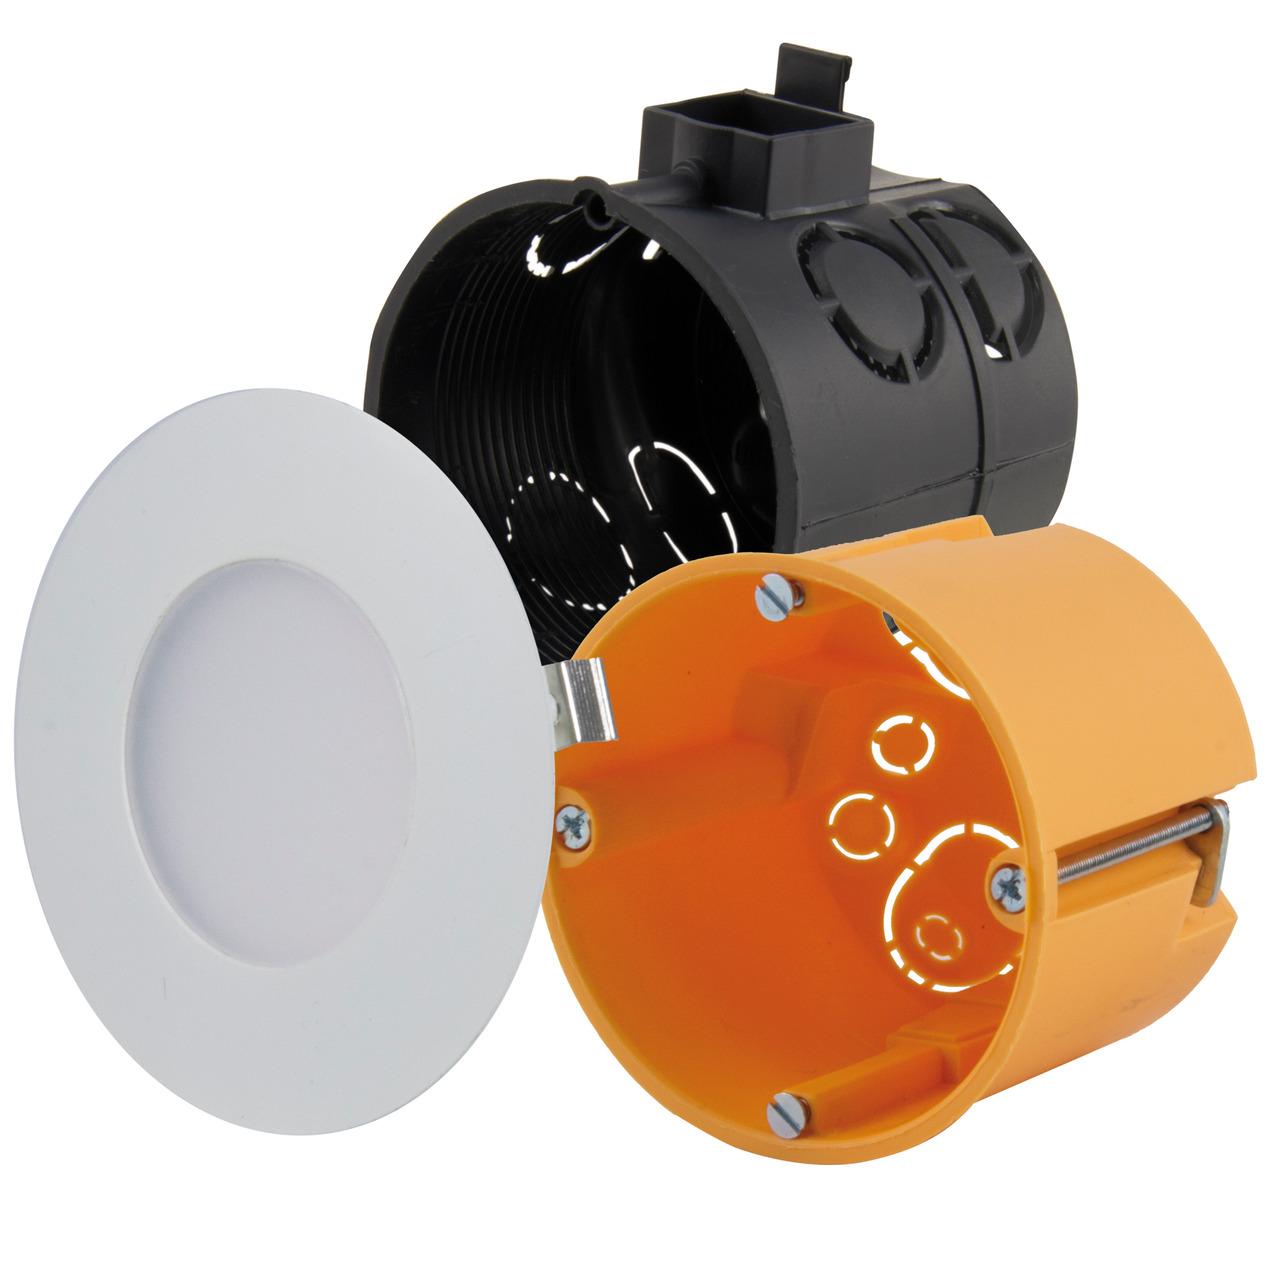 HEITRONIC 2-W-LED-Einbaupanel Nizza- passt in Schalter- und Hohlwanddosen- rund- weiss- IP20